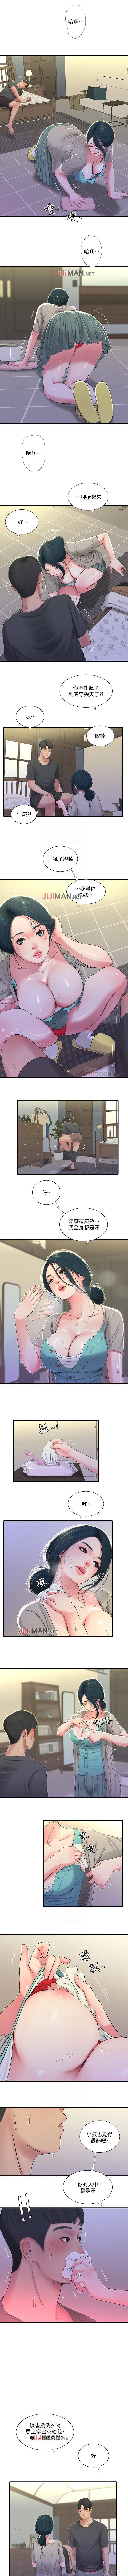 【周四连载】亲家四姐妹(作者:愛摸) 第1~37话 165